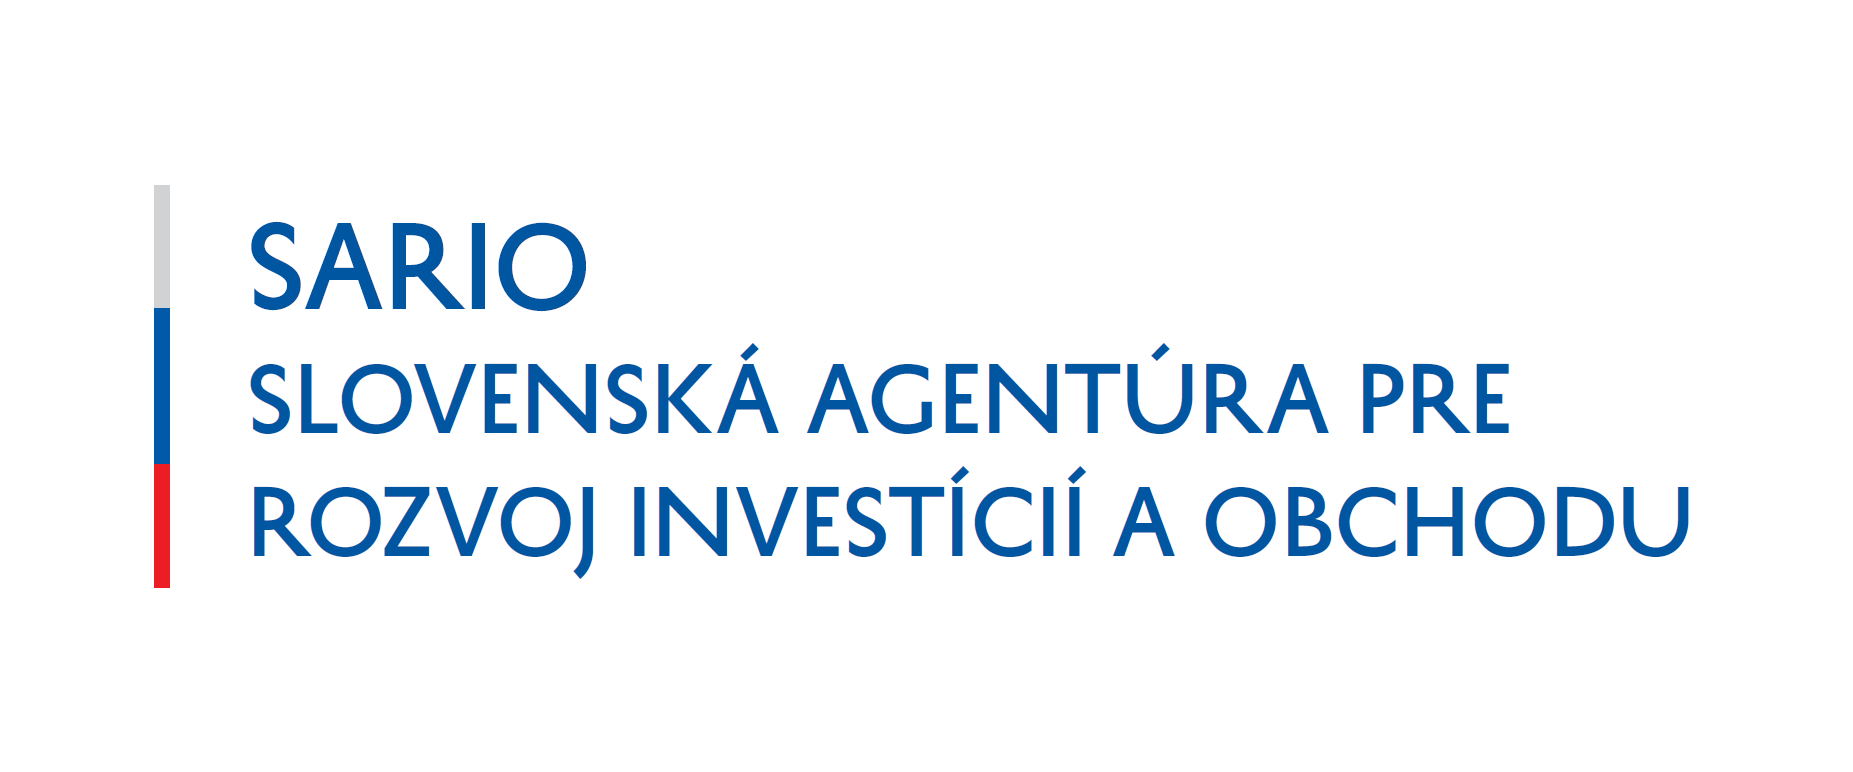 prehľad ministerstvo zahrani�n253ch vec237 a eur243pskych